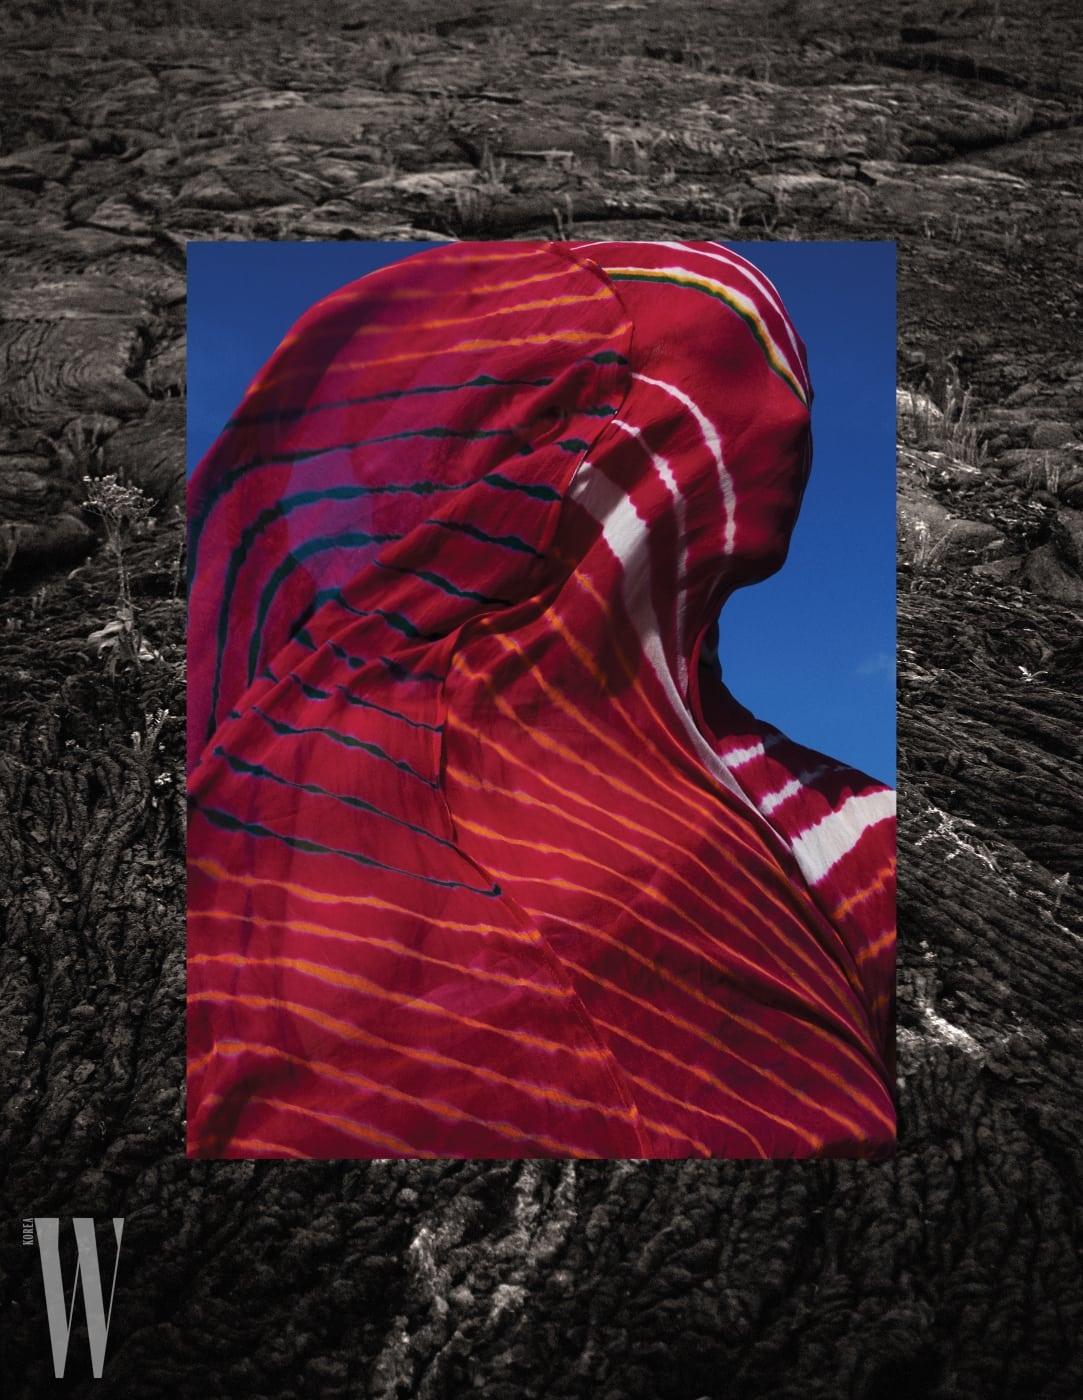 날염 프린트로 자연스러운 멋을 더한 드레스는 Polo Ralph Lauren 제품.